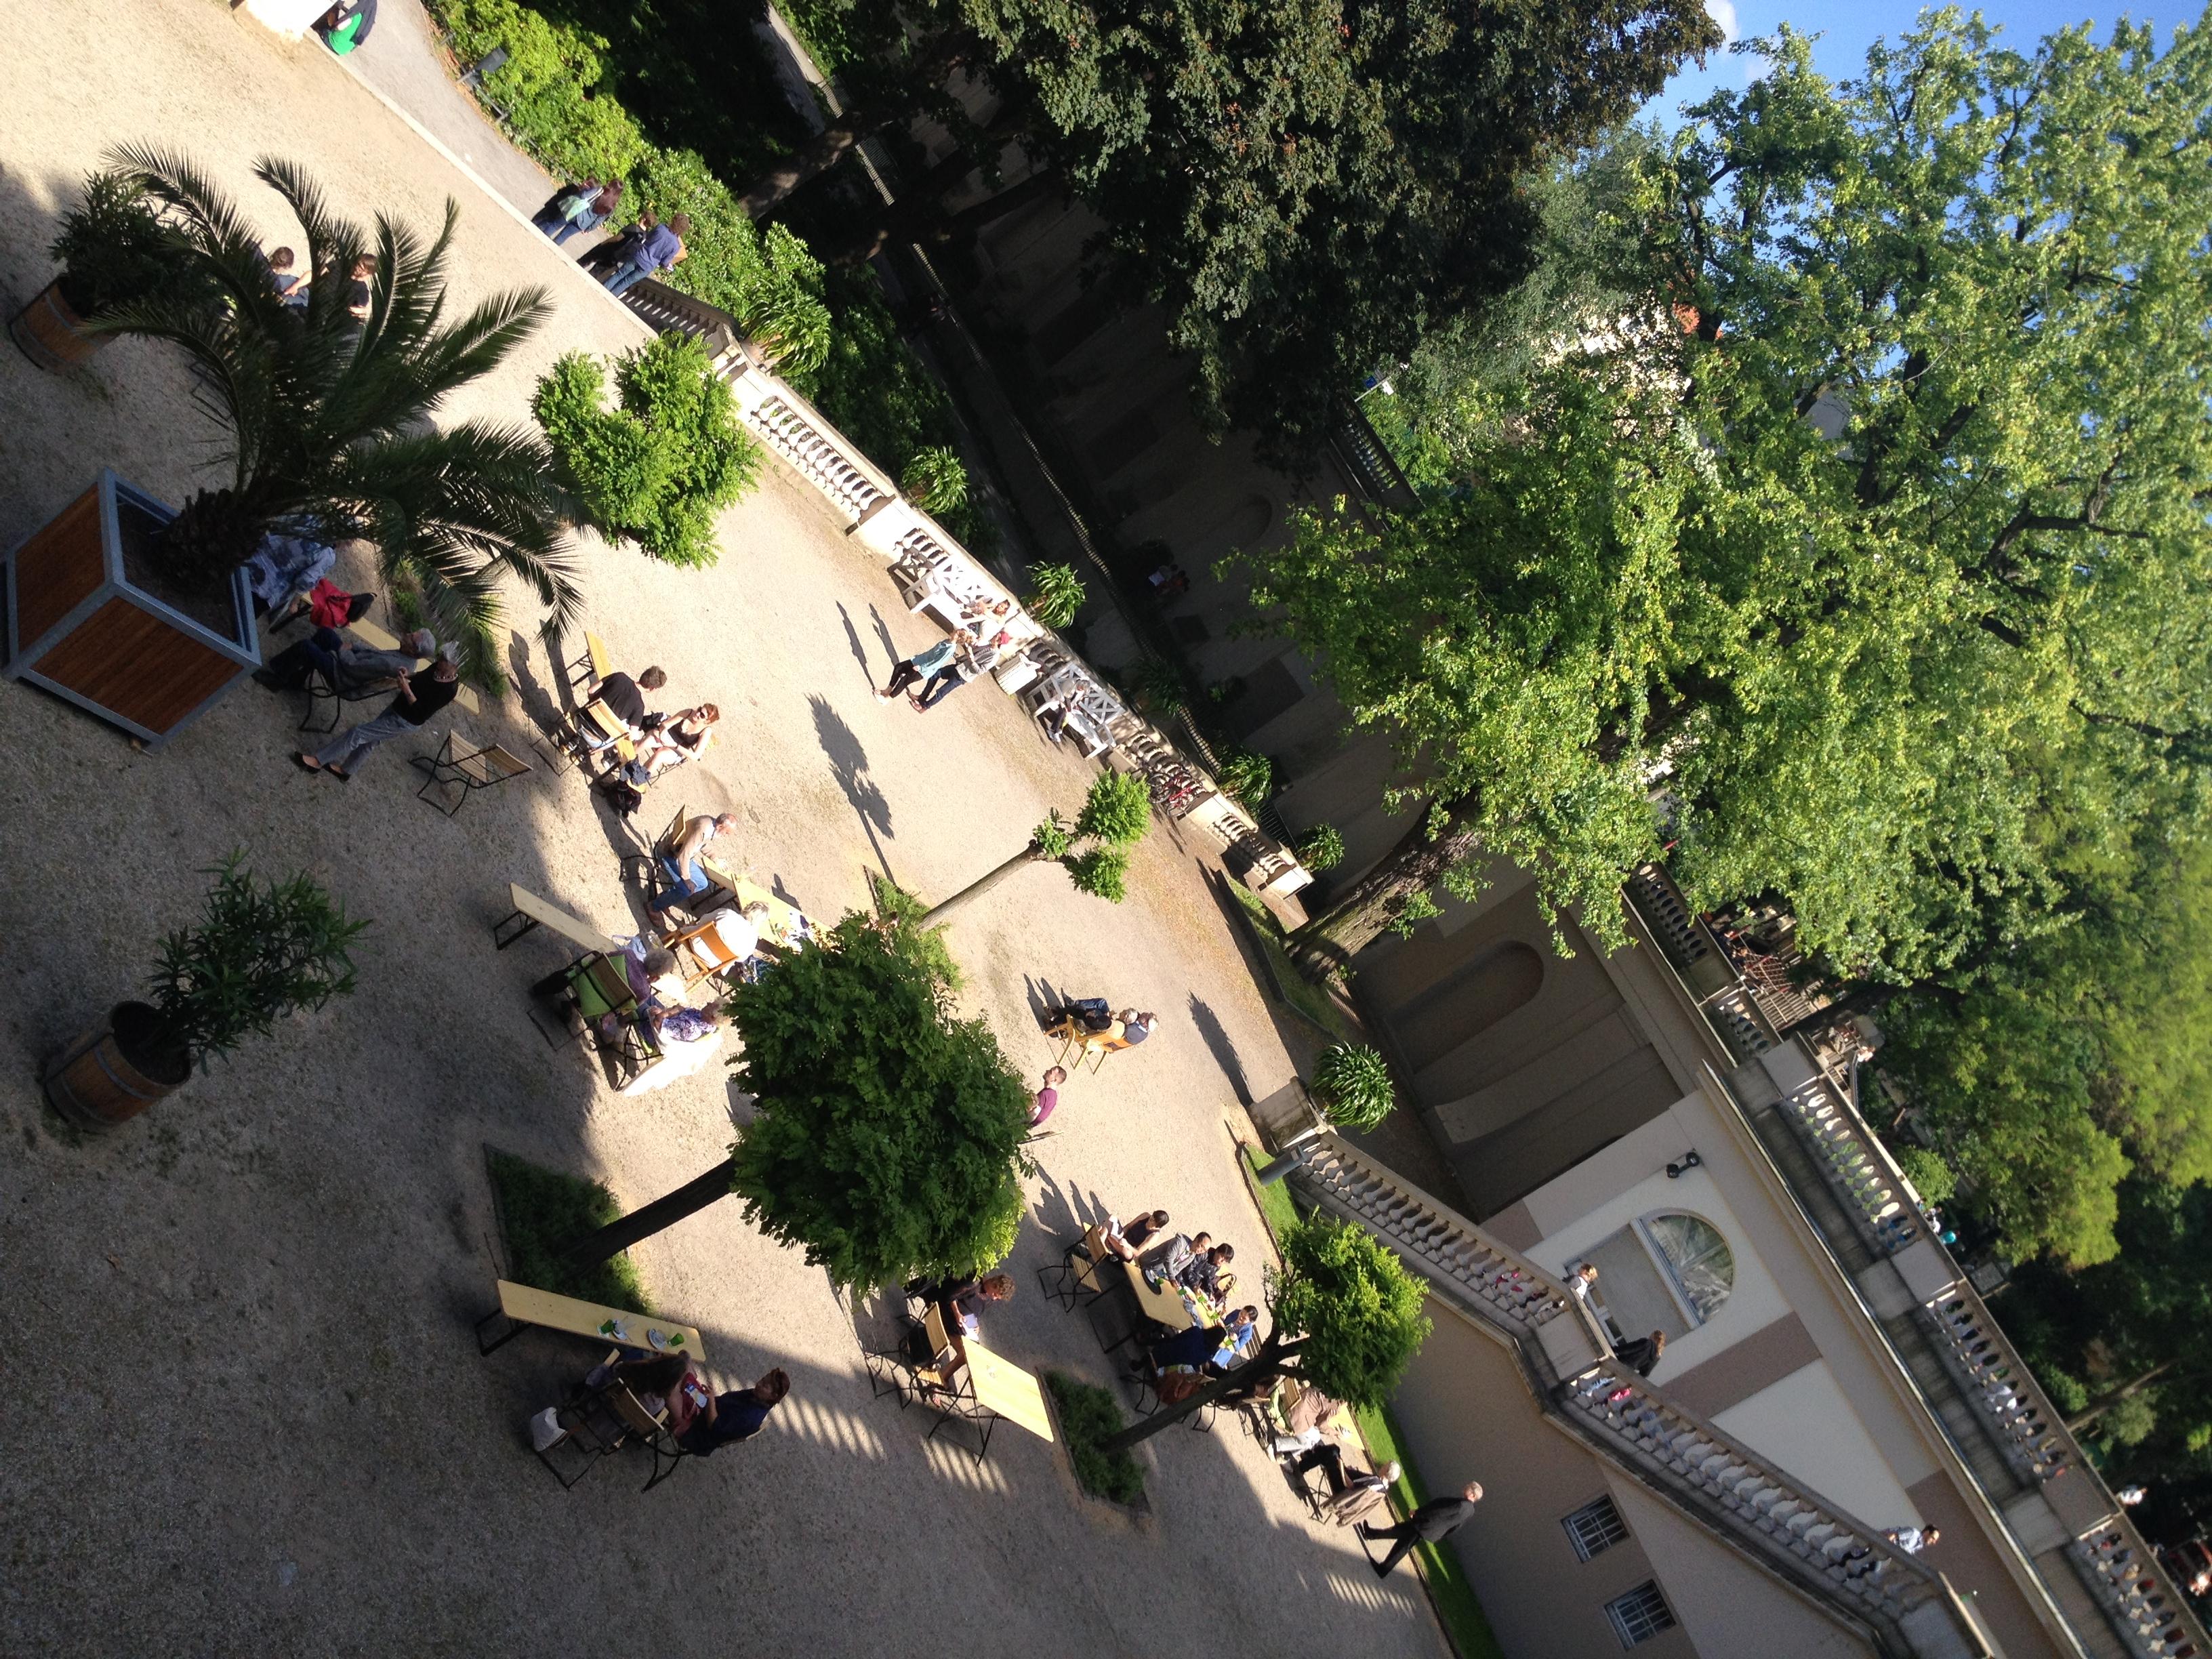 cafe eßkultur @ körnerpark | sonntagimpark